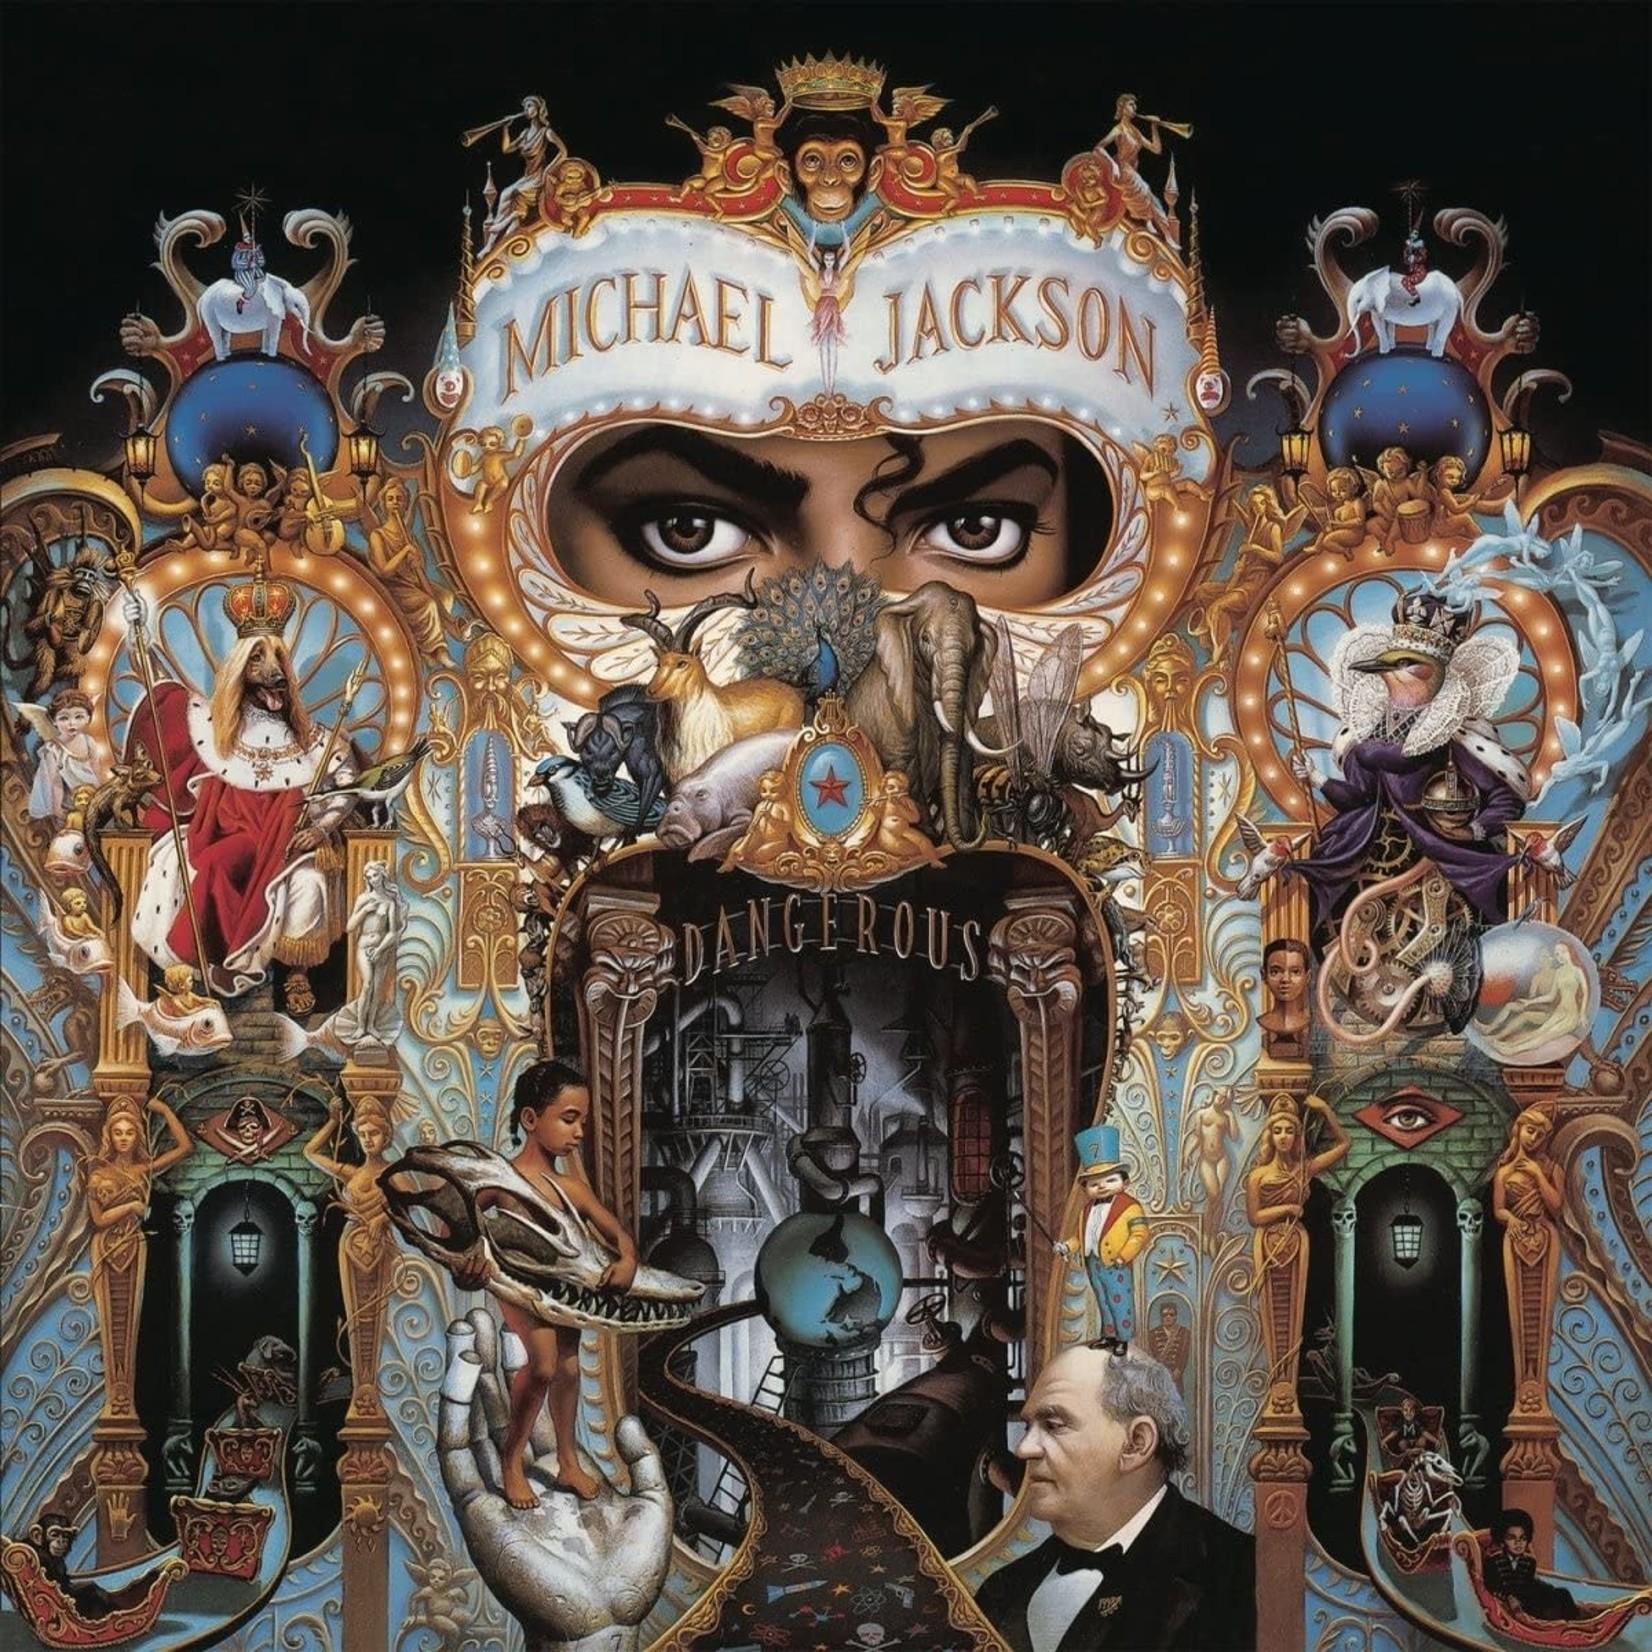 MICHAEL JACKSON DANGEROUS  2LP